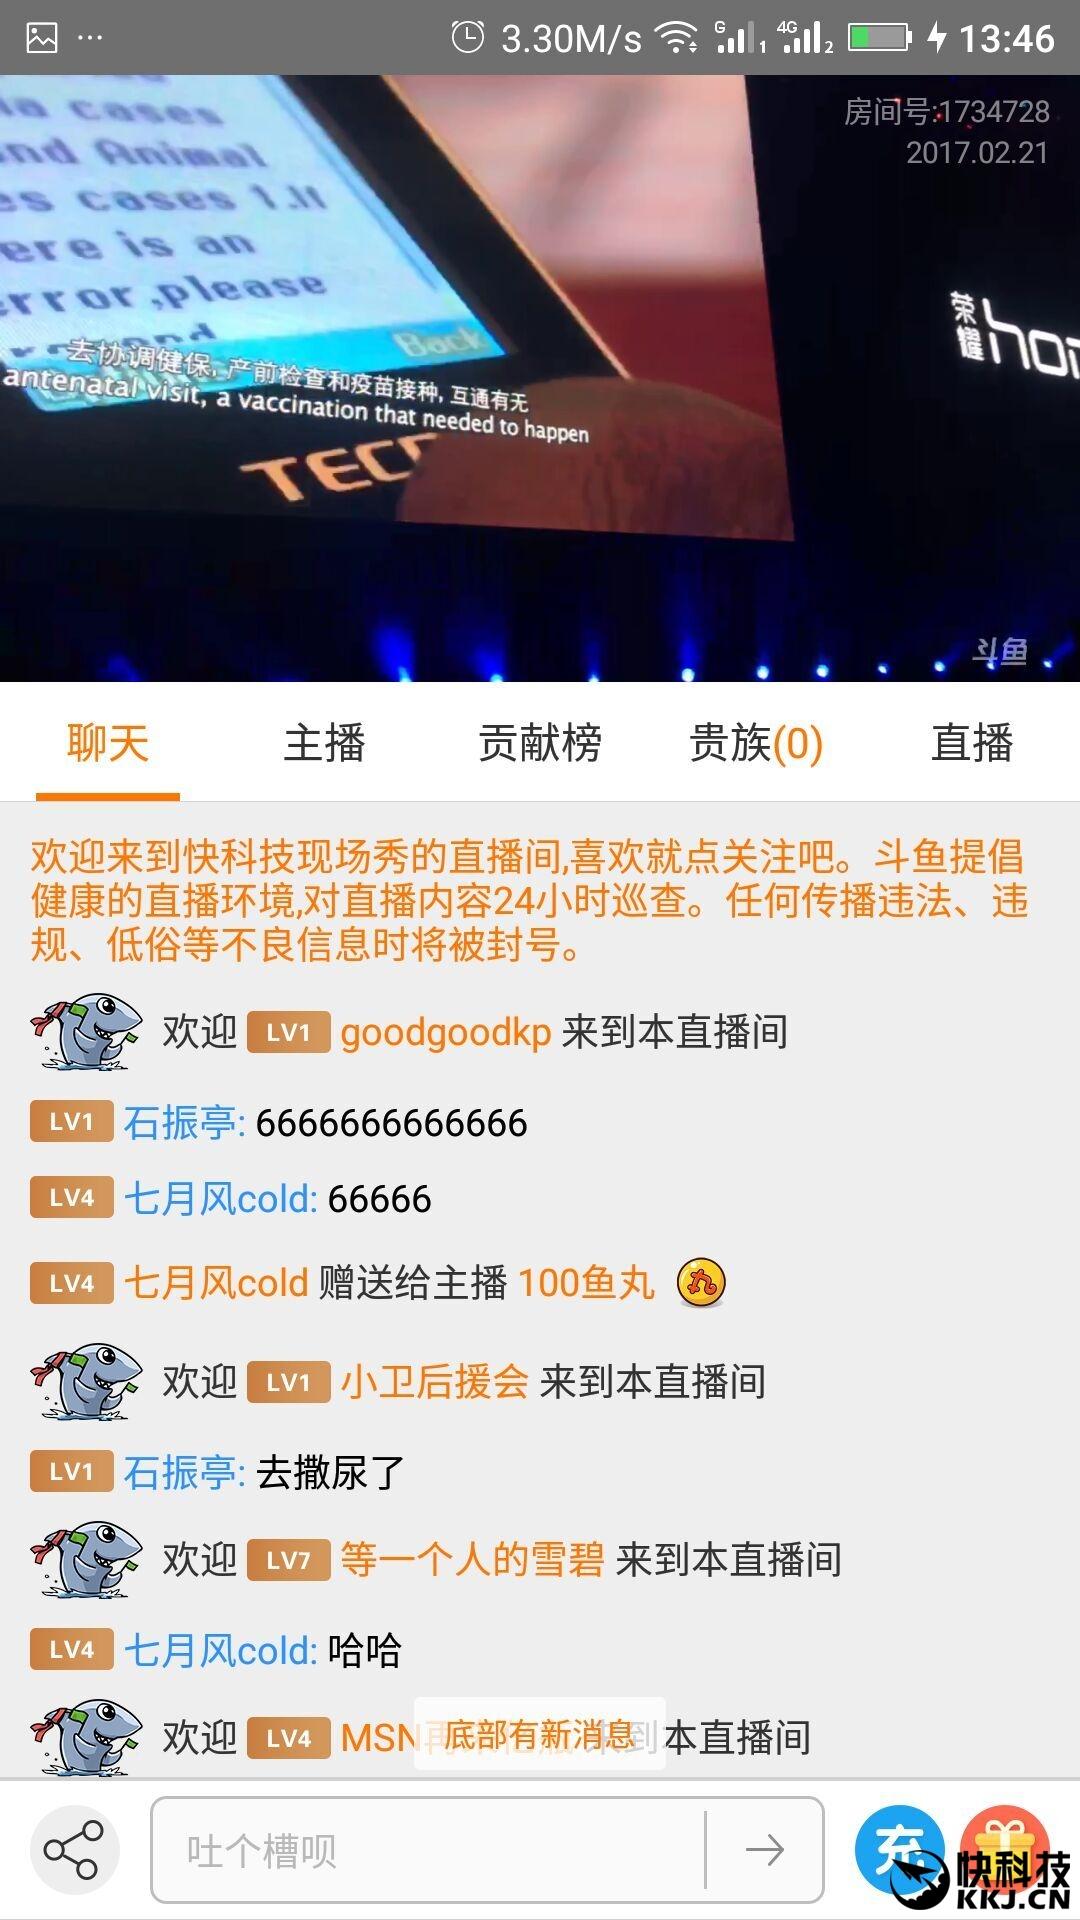 华为荣耀v9/荣耀8青春版现场视频直播来了!图片